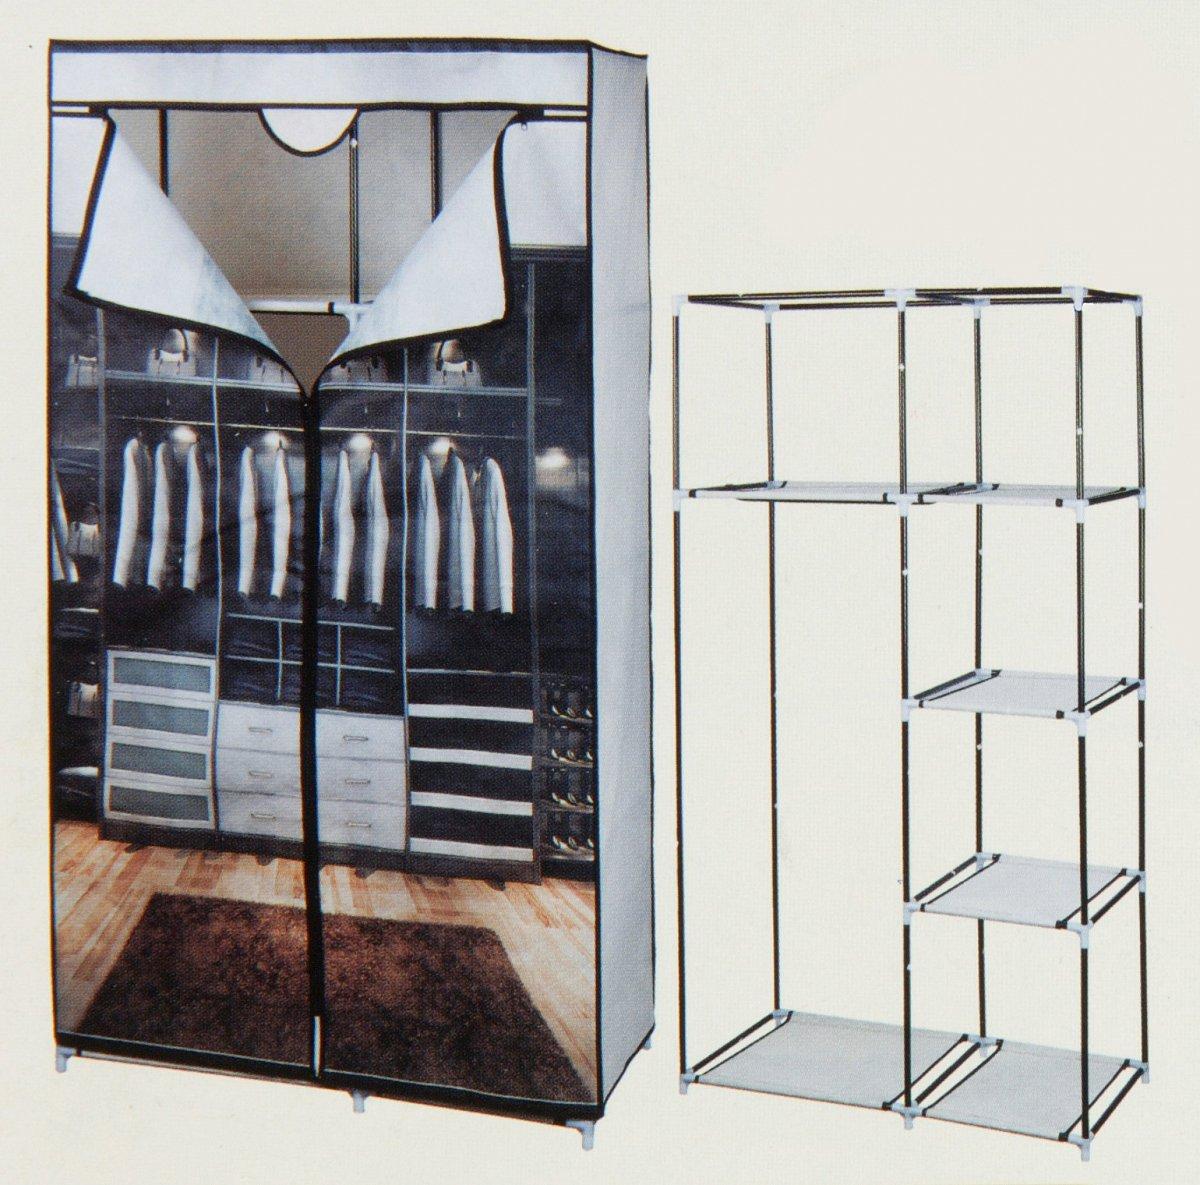 kleiderschrank schrank faltschrank stoff textilschrank. Black Bedroom Furniture Sets. Home Design Ideas